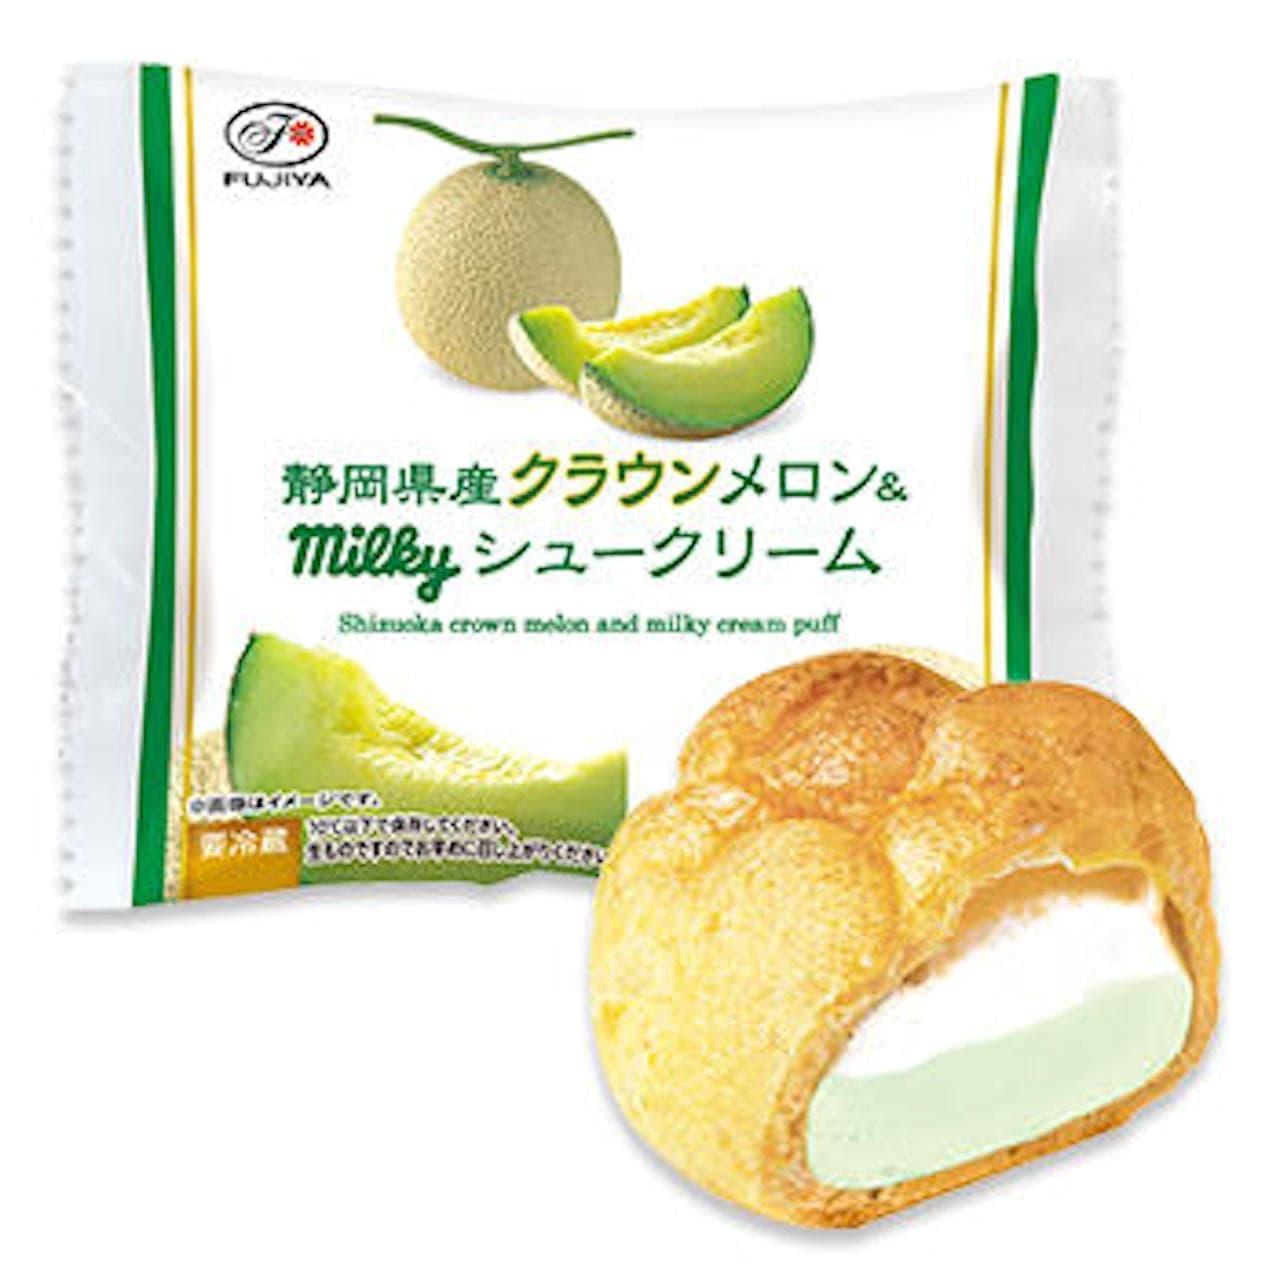 不二家「静岡県産クラウンメロン&ミルキーシュークリーム」